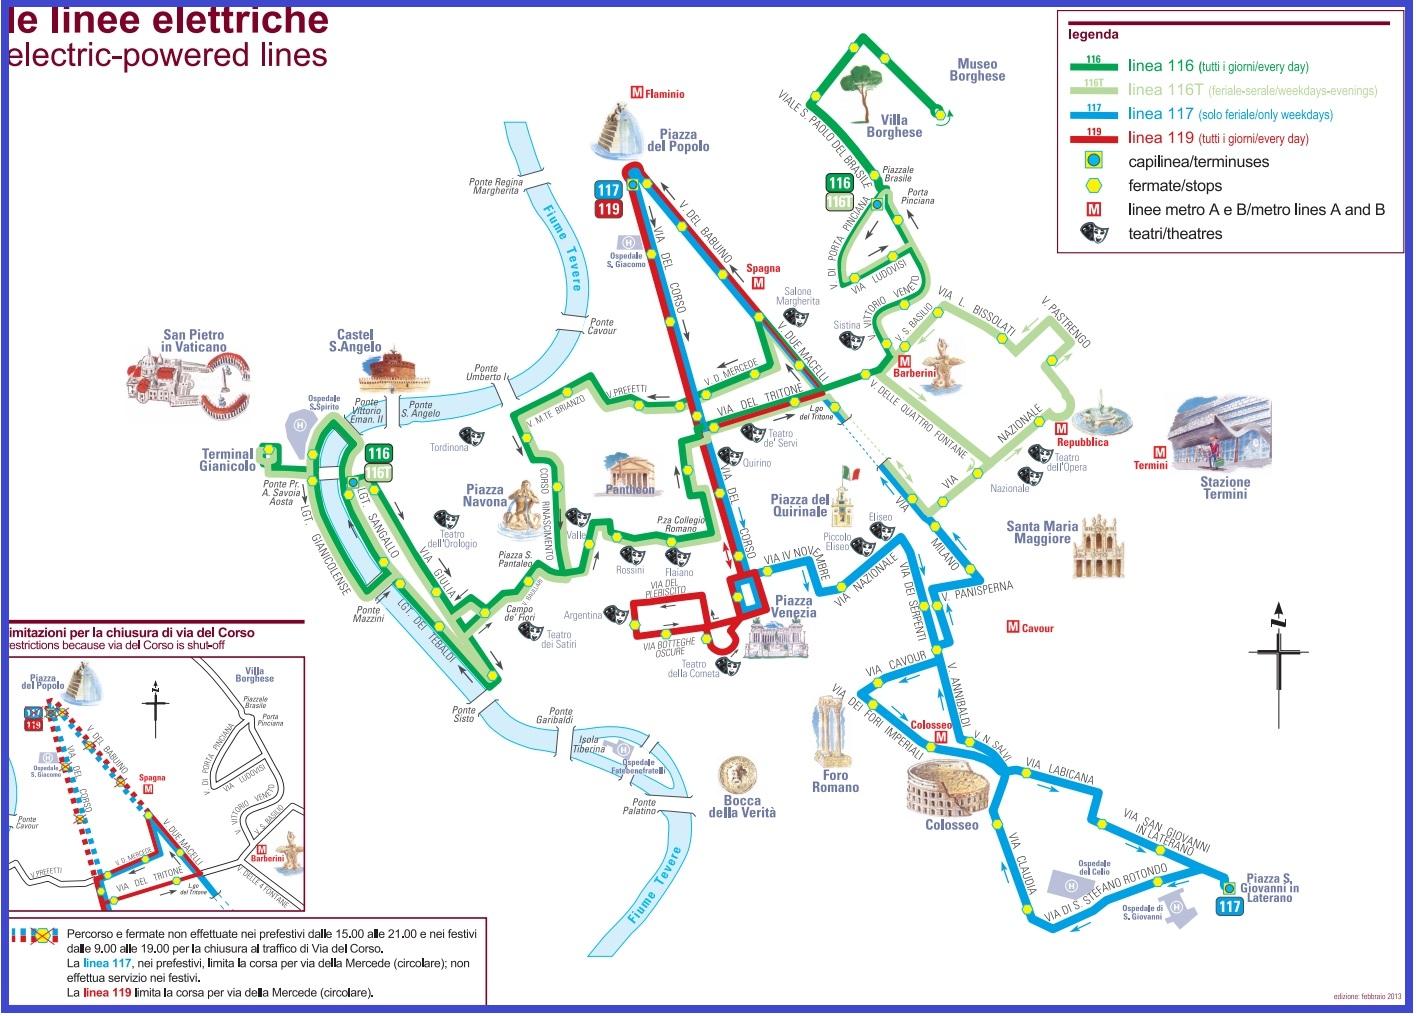 Схема троллейбусов Рима